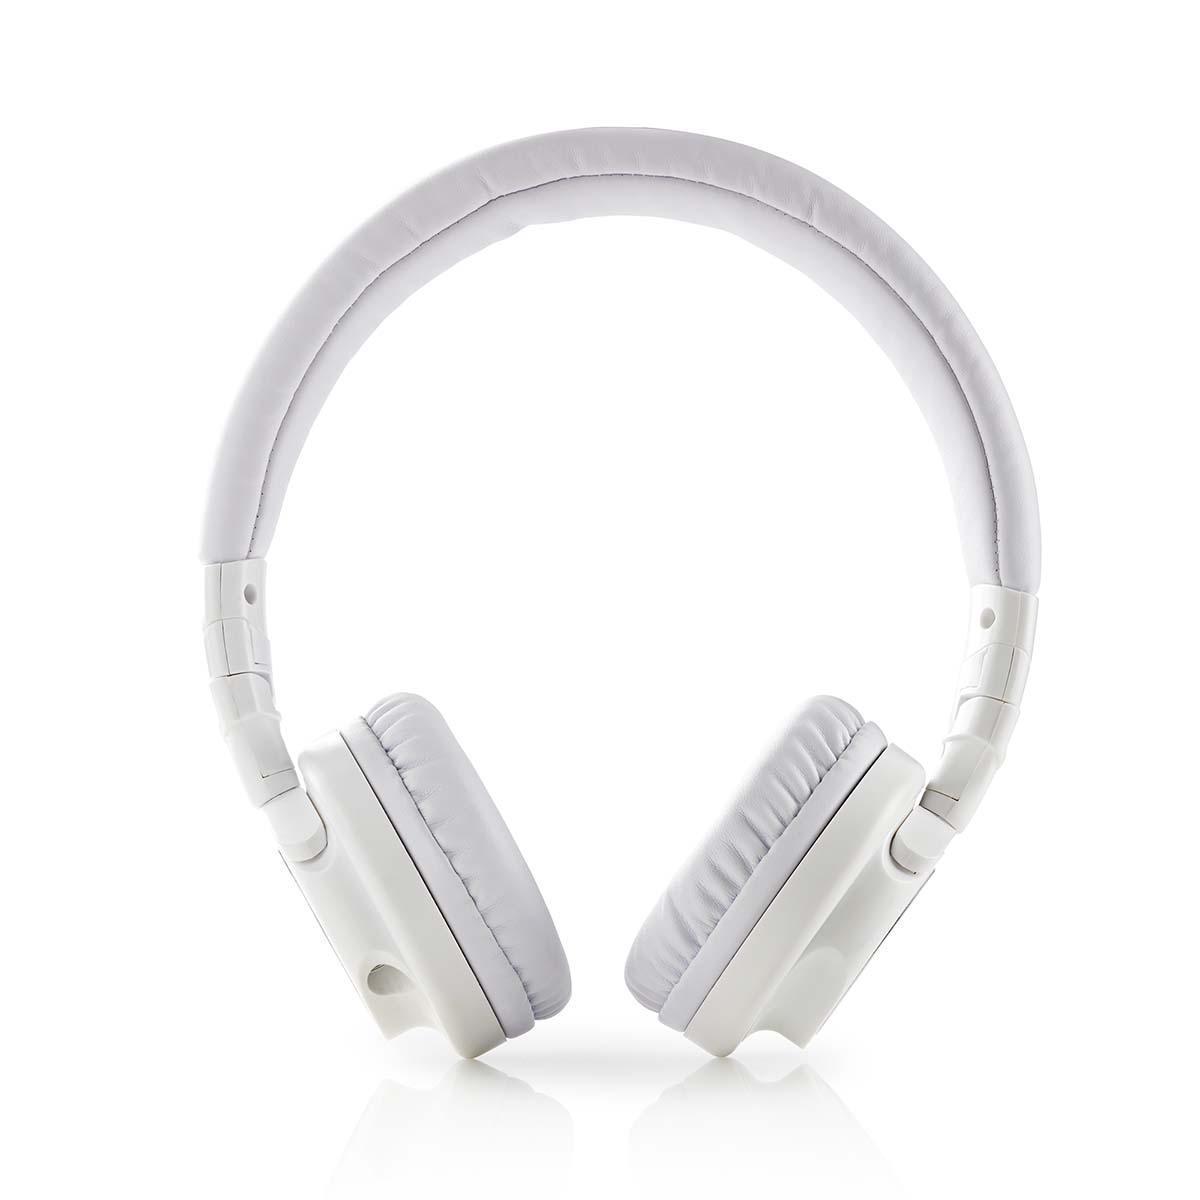 Billede af On-Ear Høretelefoner - Turbine Drivere 40mm - Audio 3.5mm Kabel 1.2m - Hvid